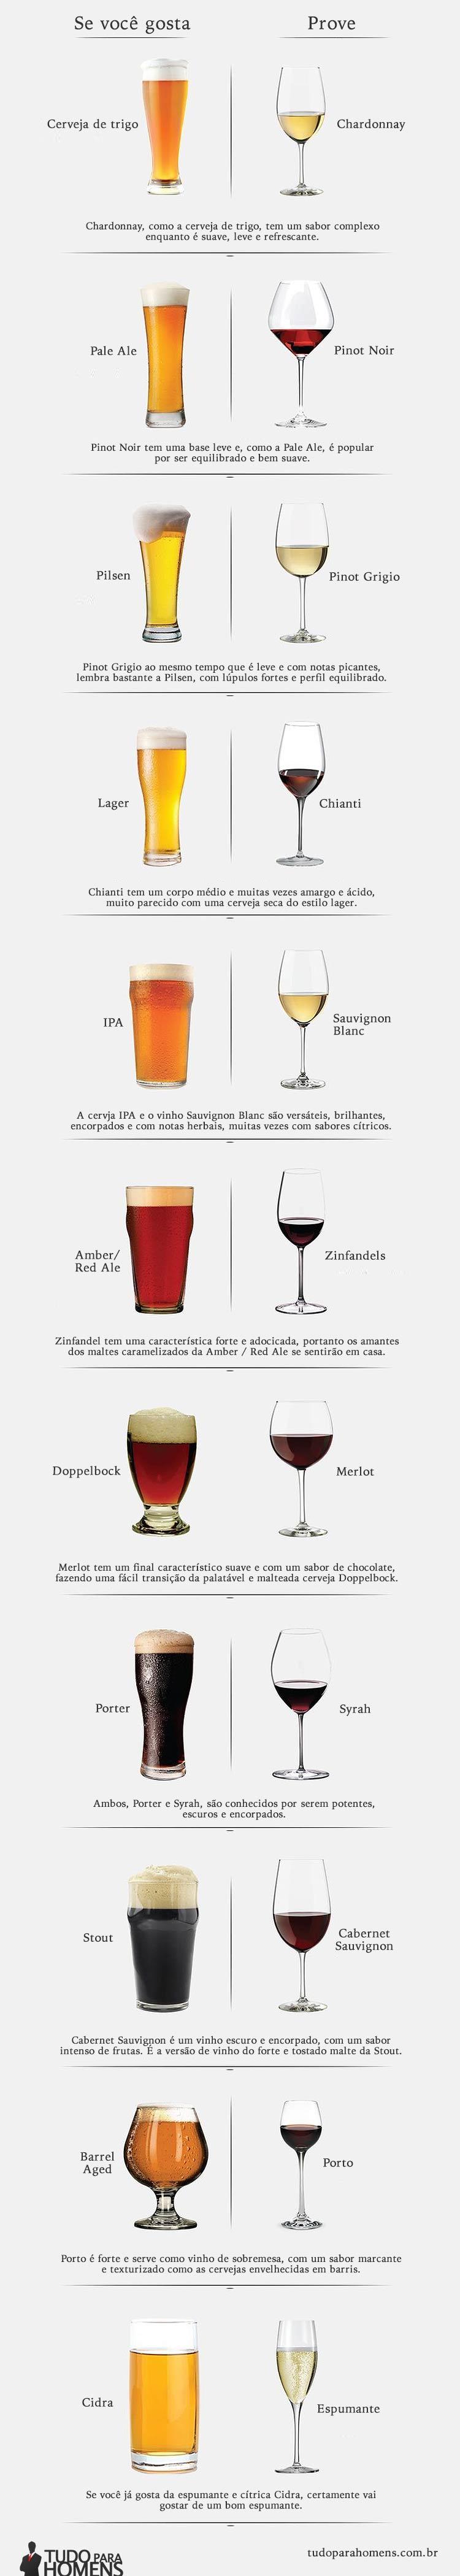 guia-cerveja-vinho